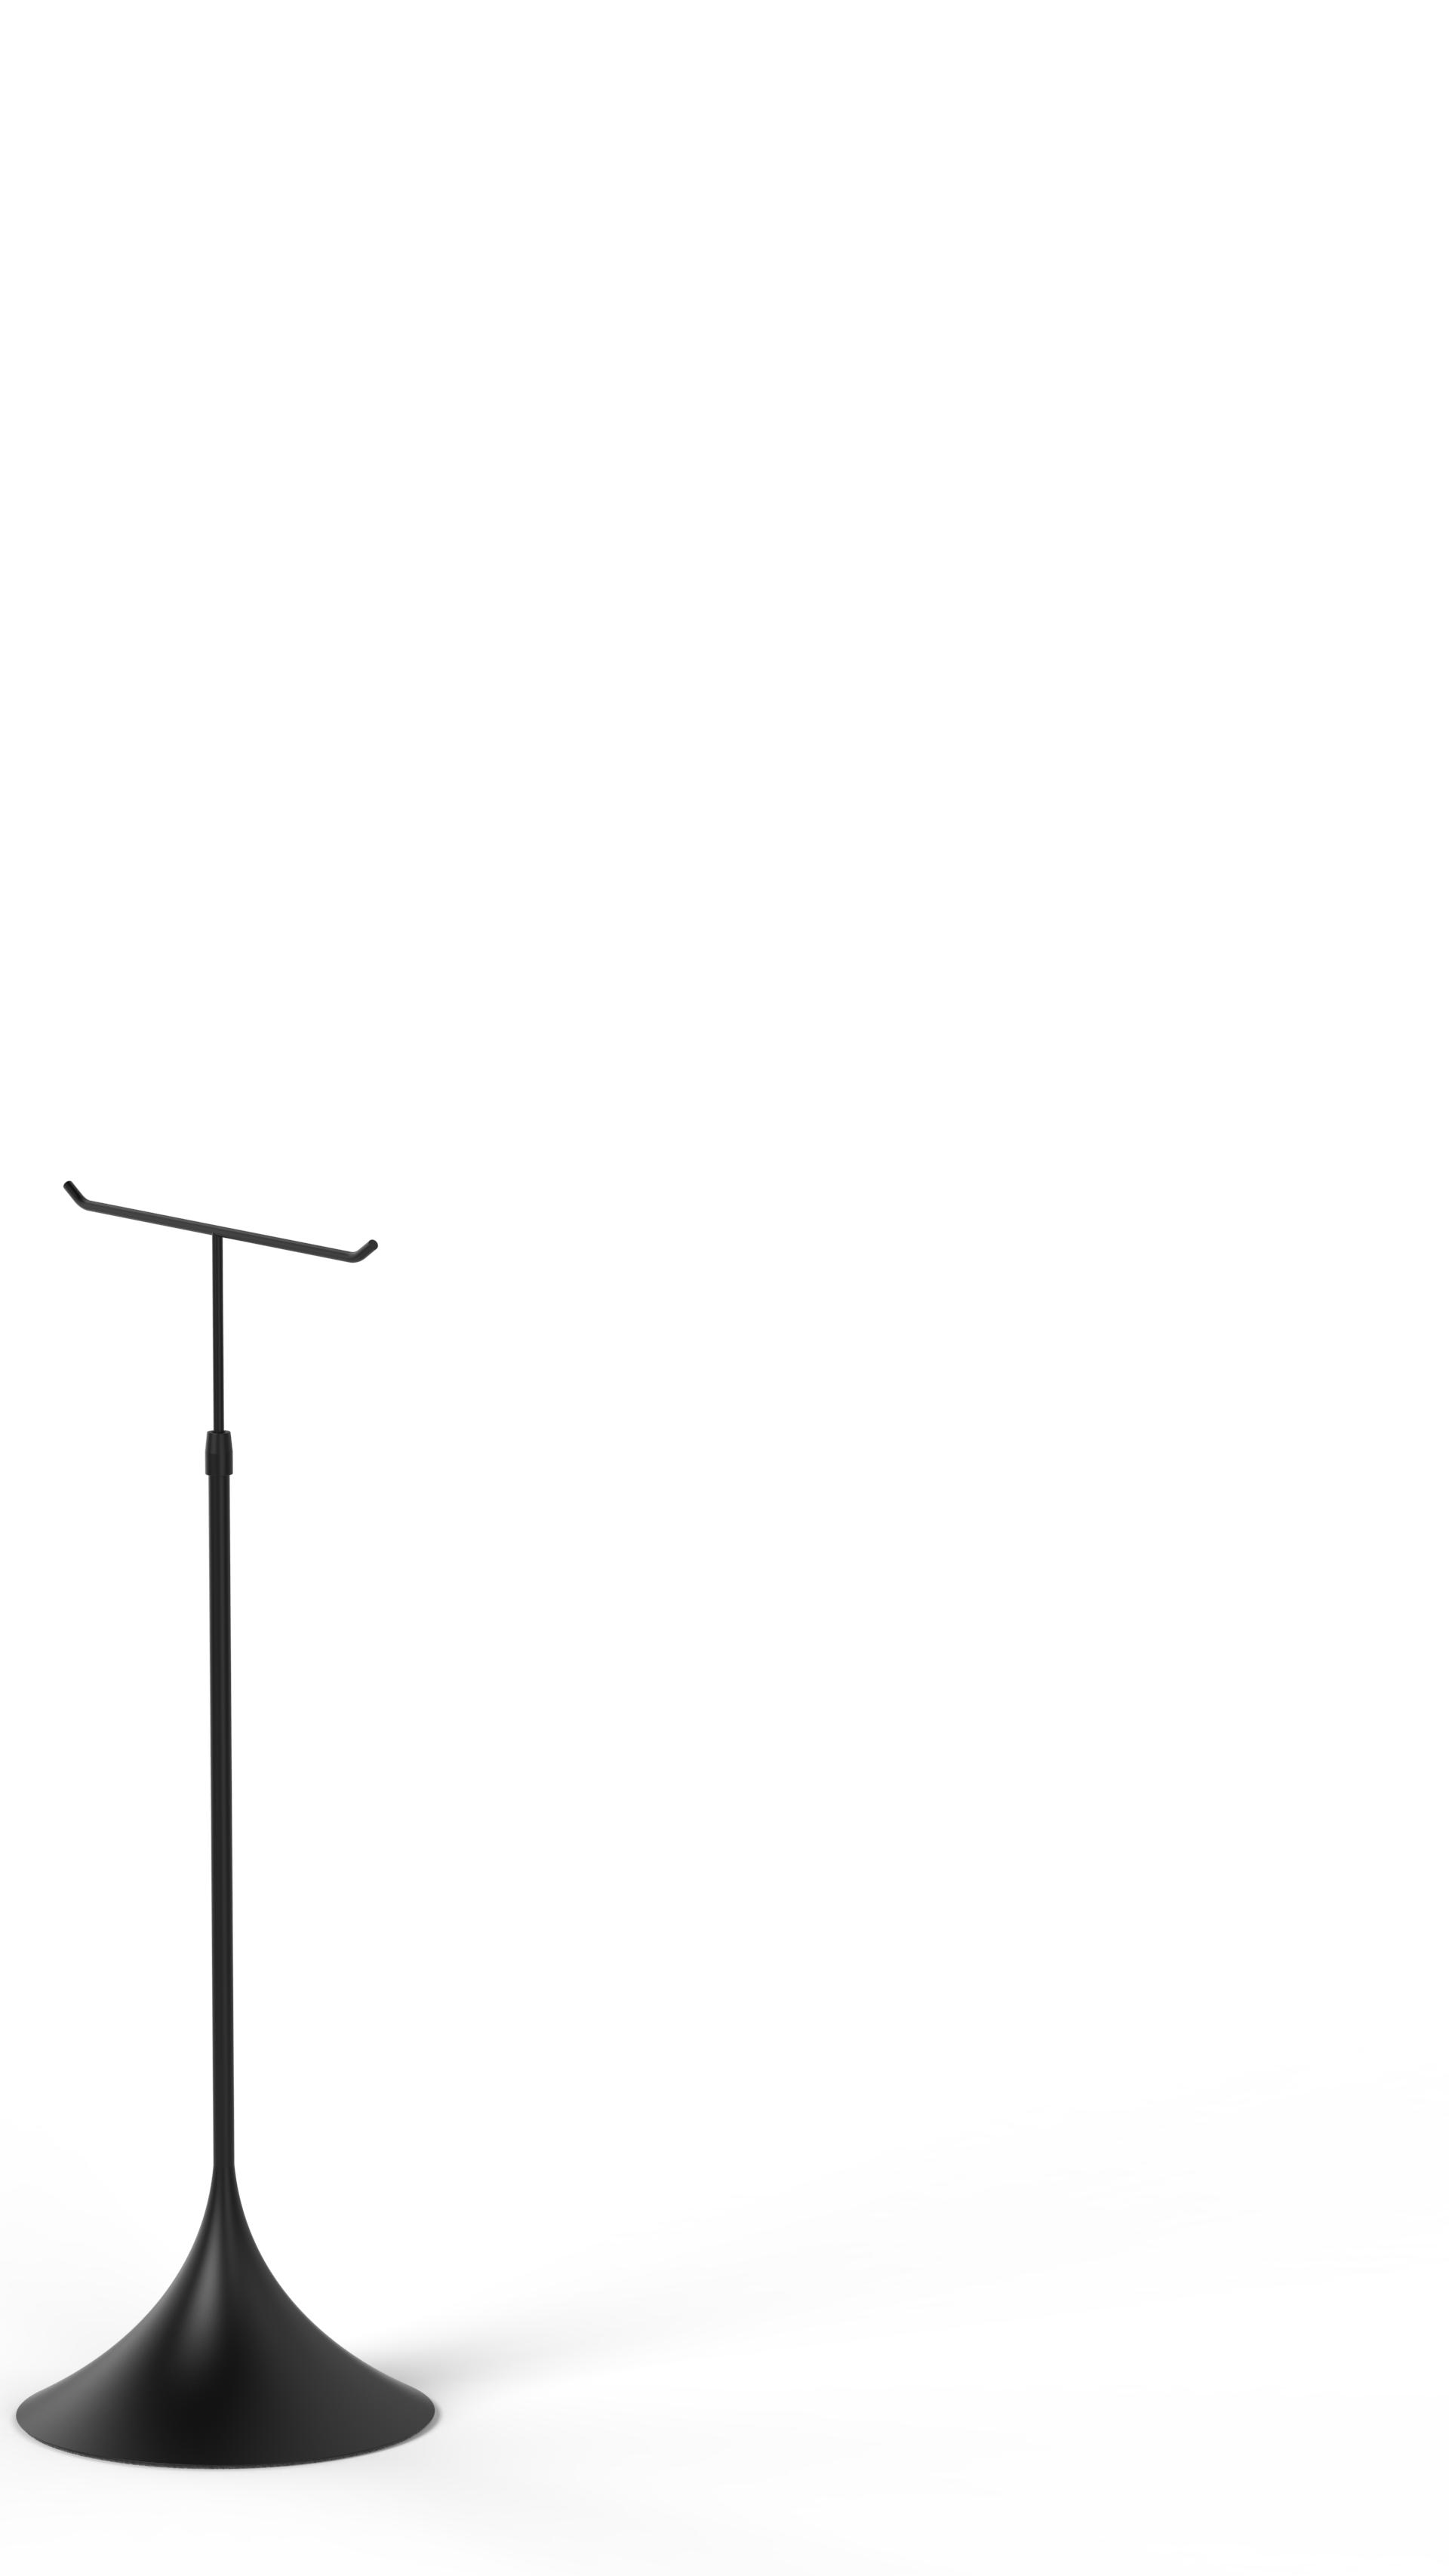 AUSDPS80A Présentoir pour sac SAINT-HONORÉ PARIS